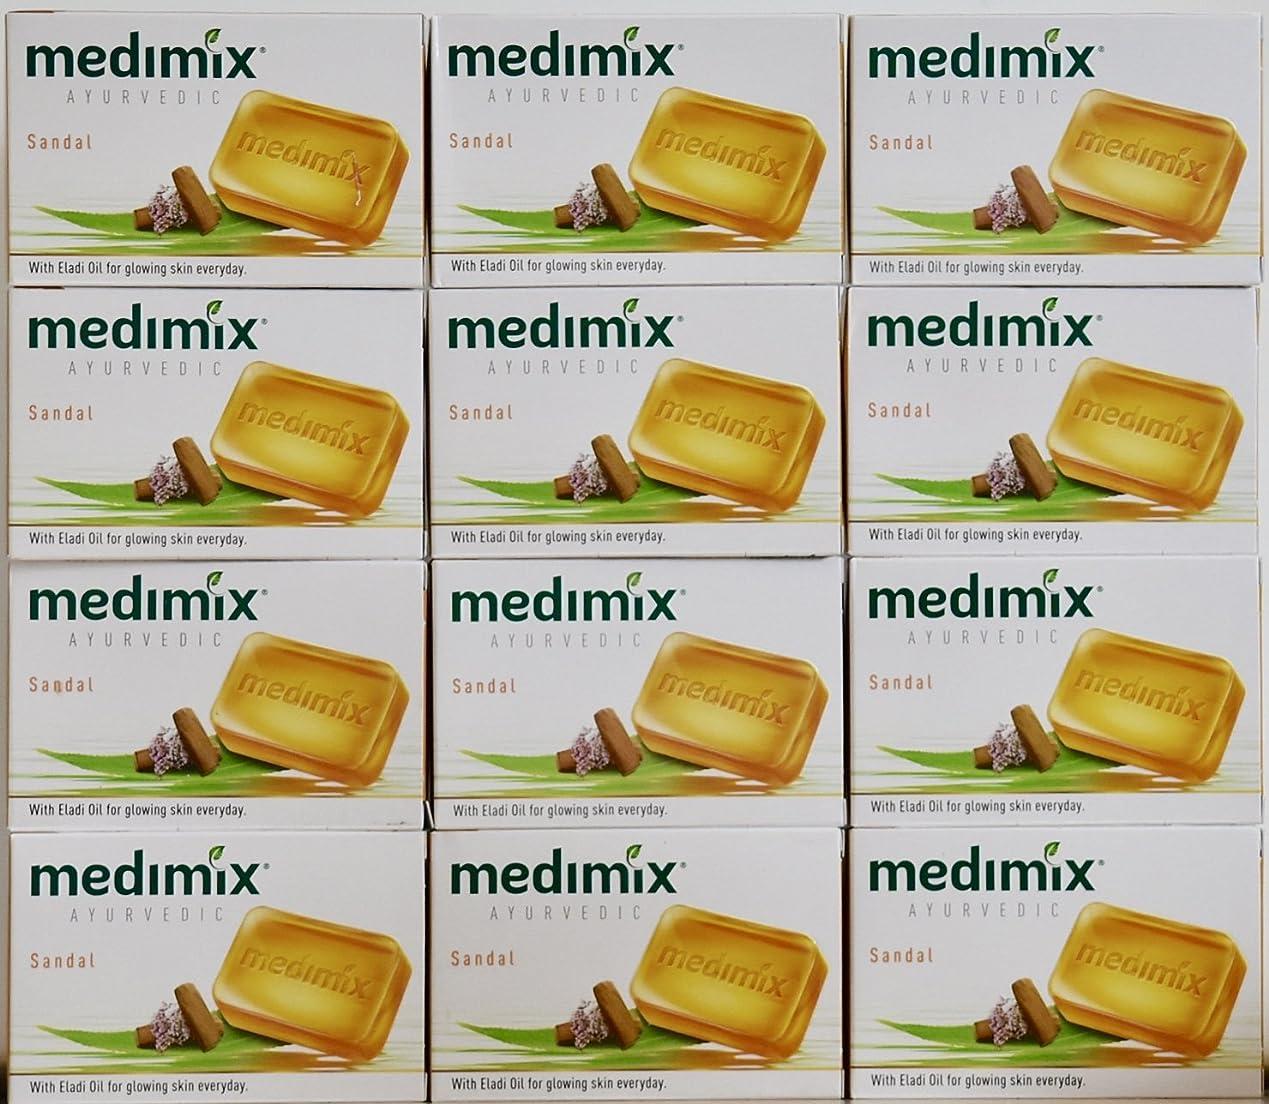 友情現実違反するmedimix メディミックス アーユルヴェディックサンダル 石鹸(旧商品名クラシックオレンジ))125g 12個入り